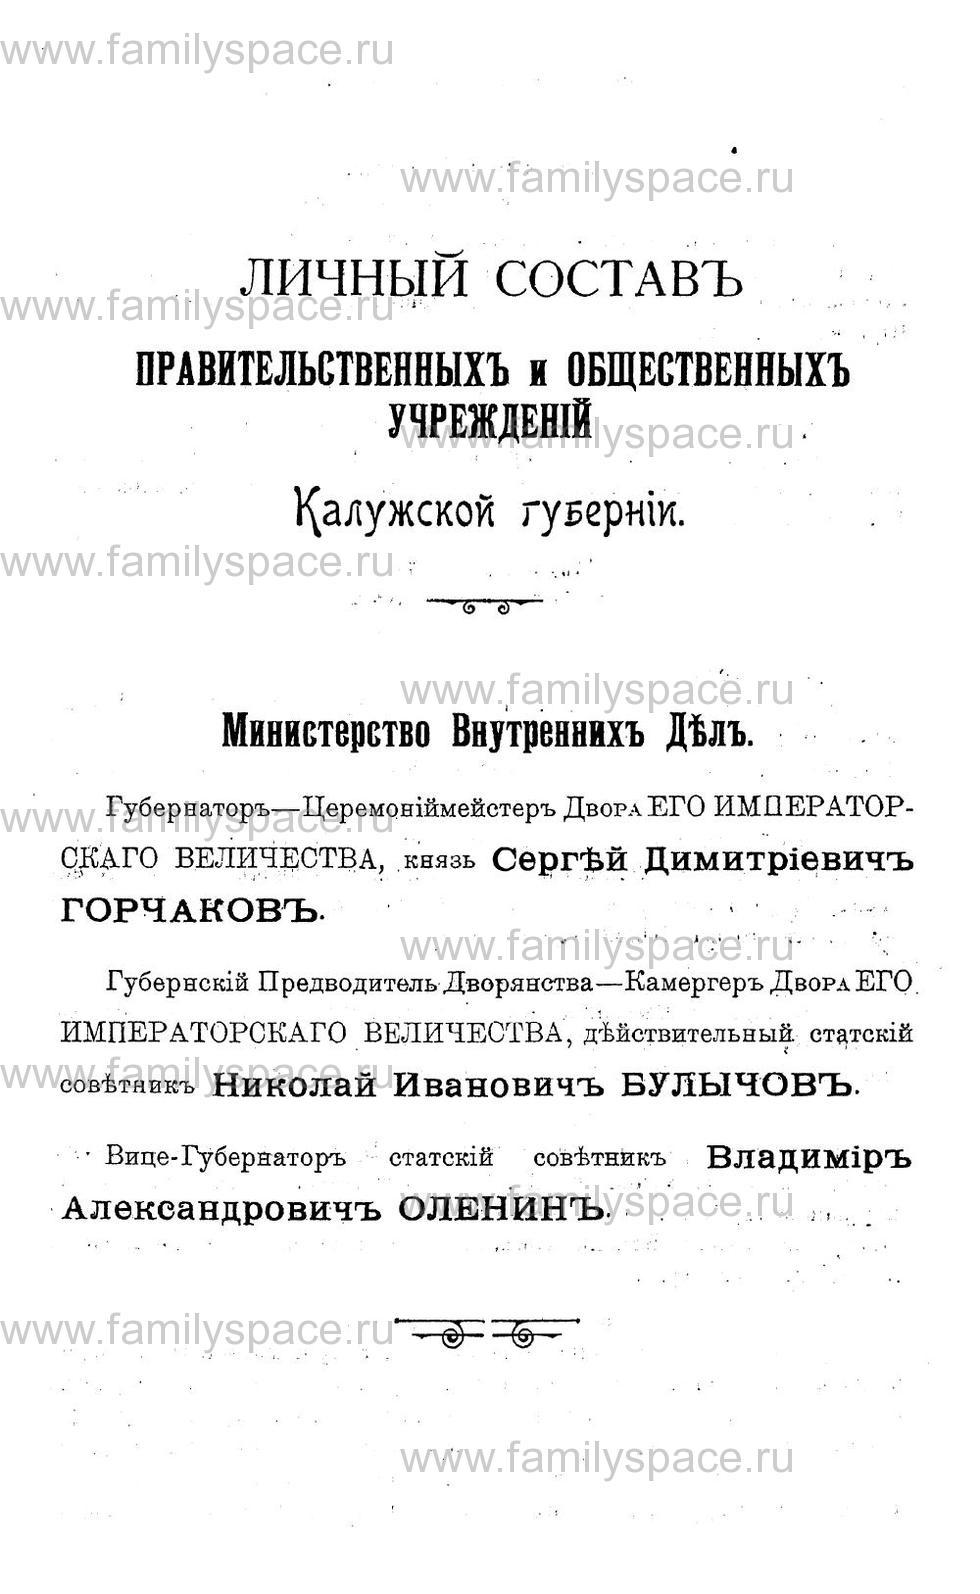 Поиск по фамилии - Памятная книжка и адрес-календарь Калужской губернии на 1911 год, страница 2003